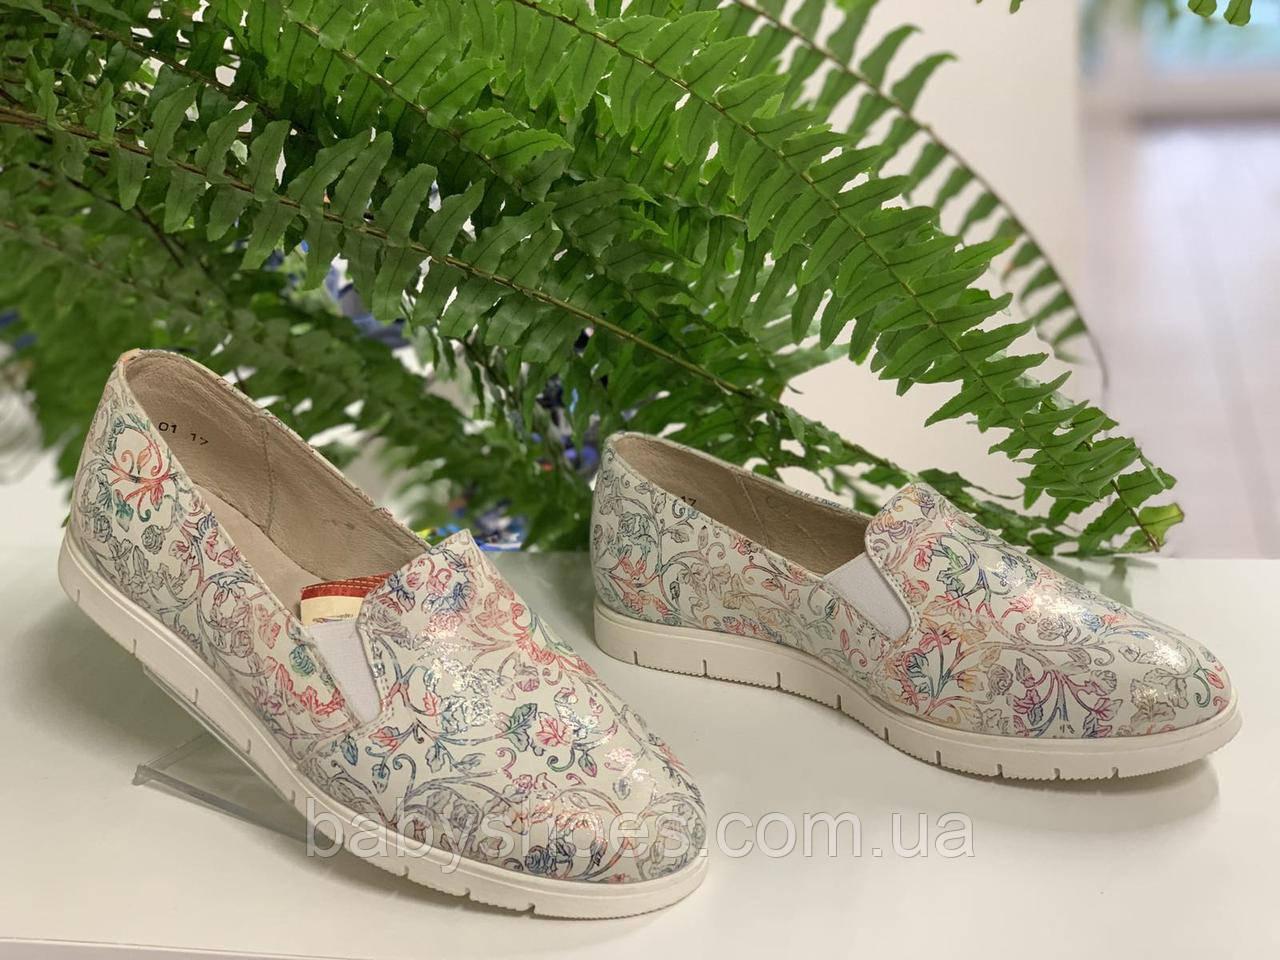 Туфли кожаные для девочки Берегиня 0776, ортопед р-р 36